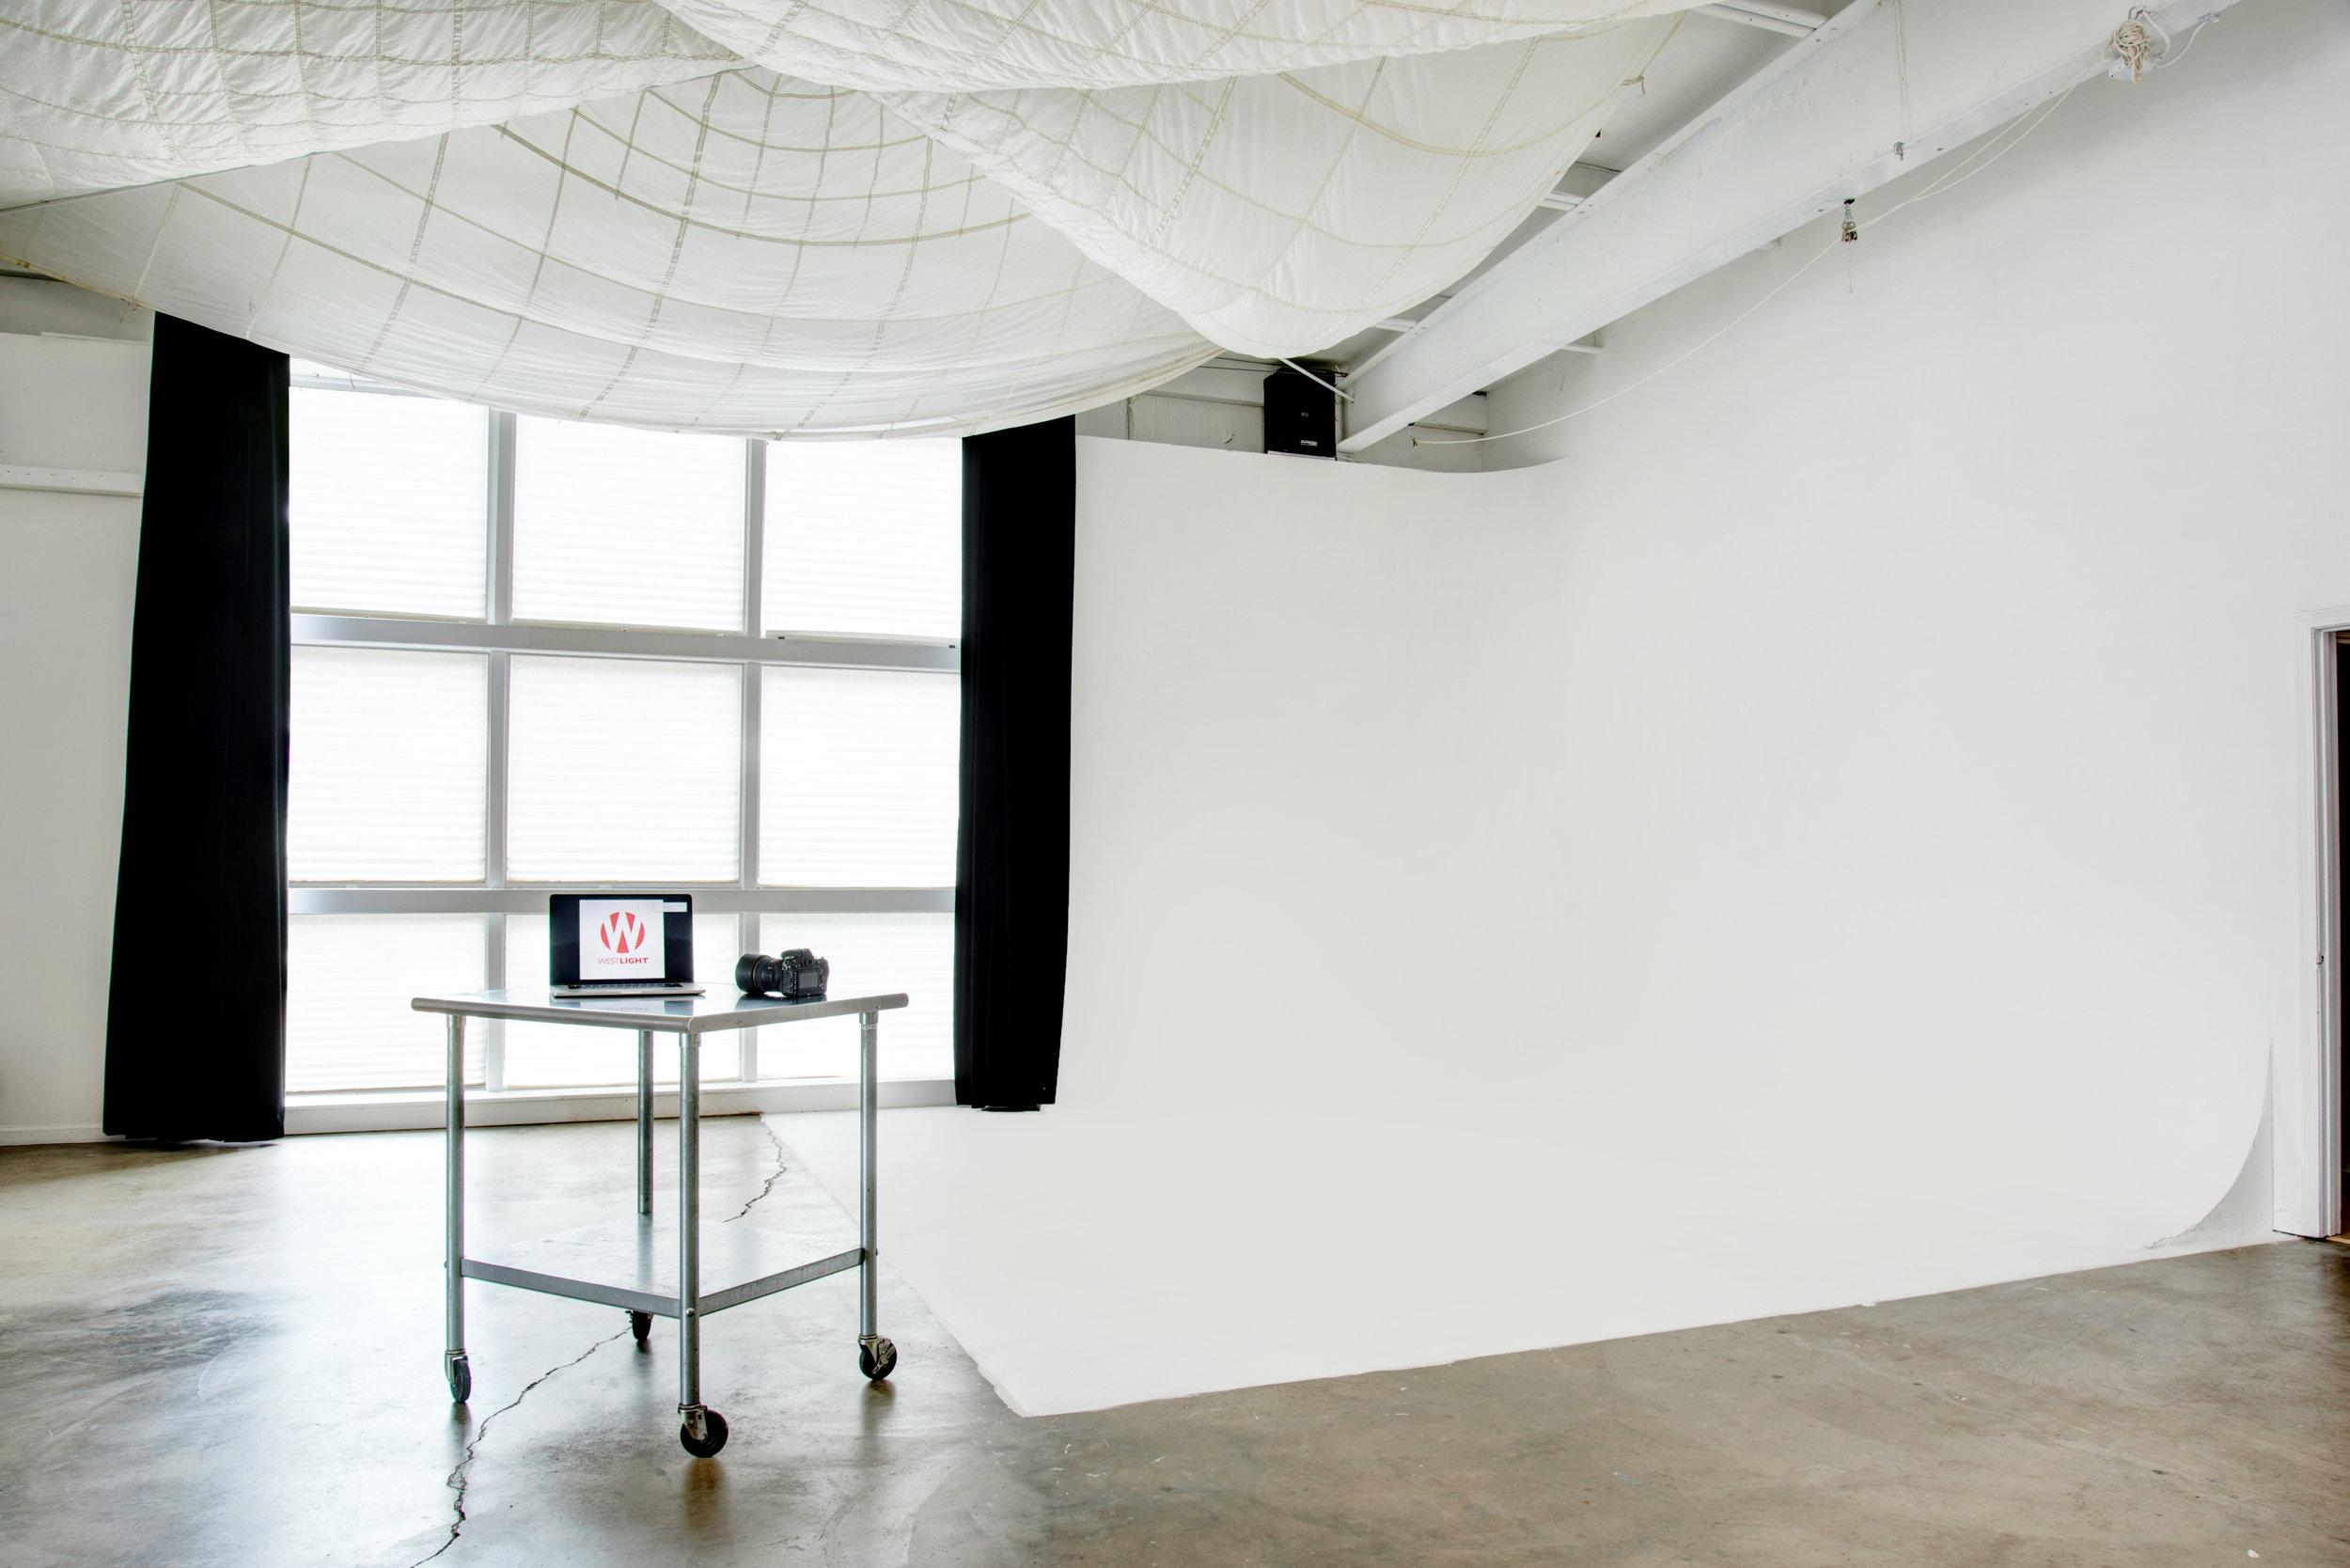 Studio A Natural Light Studio